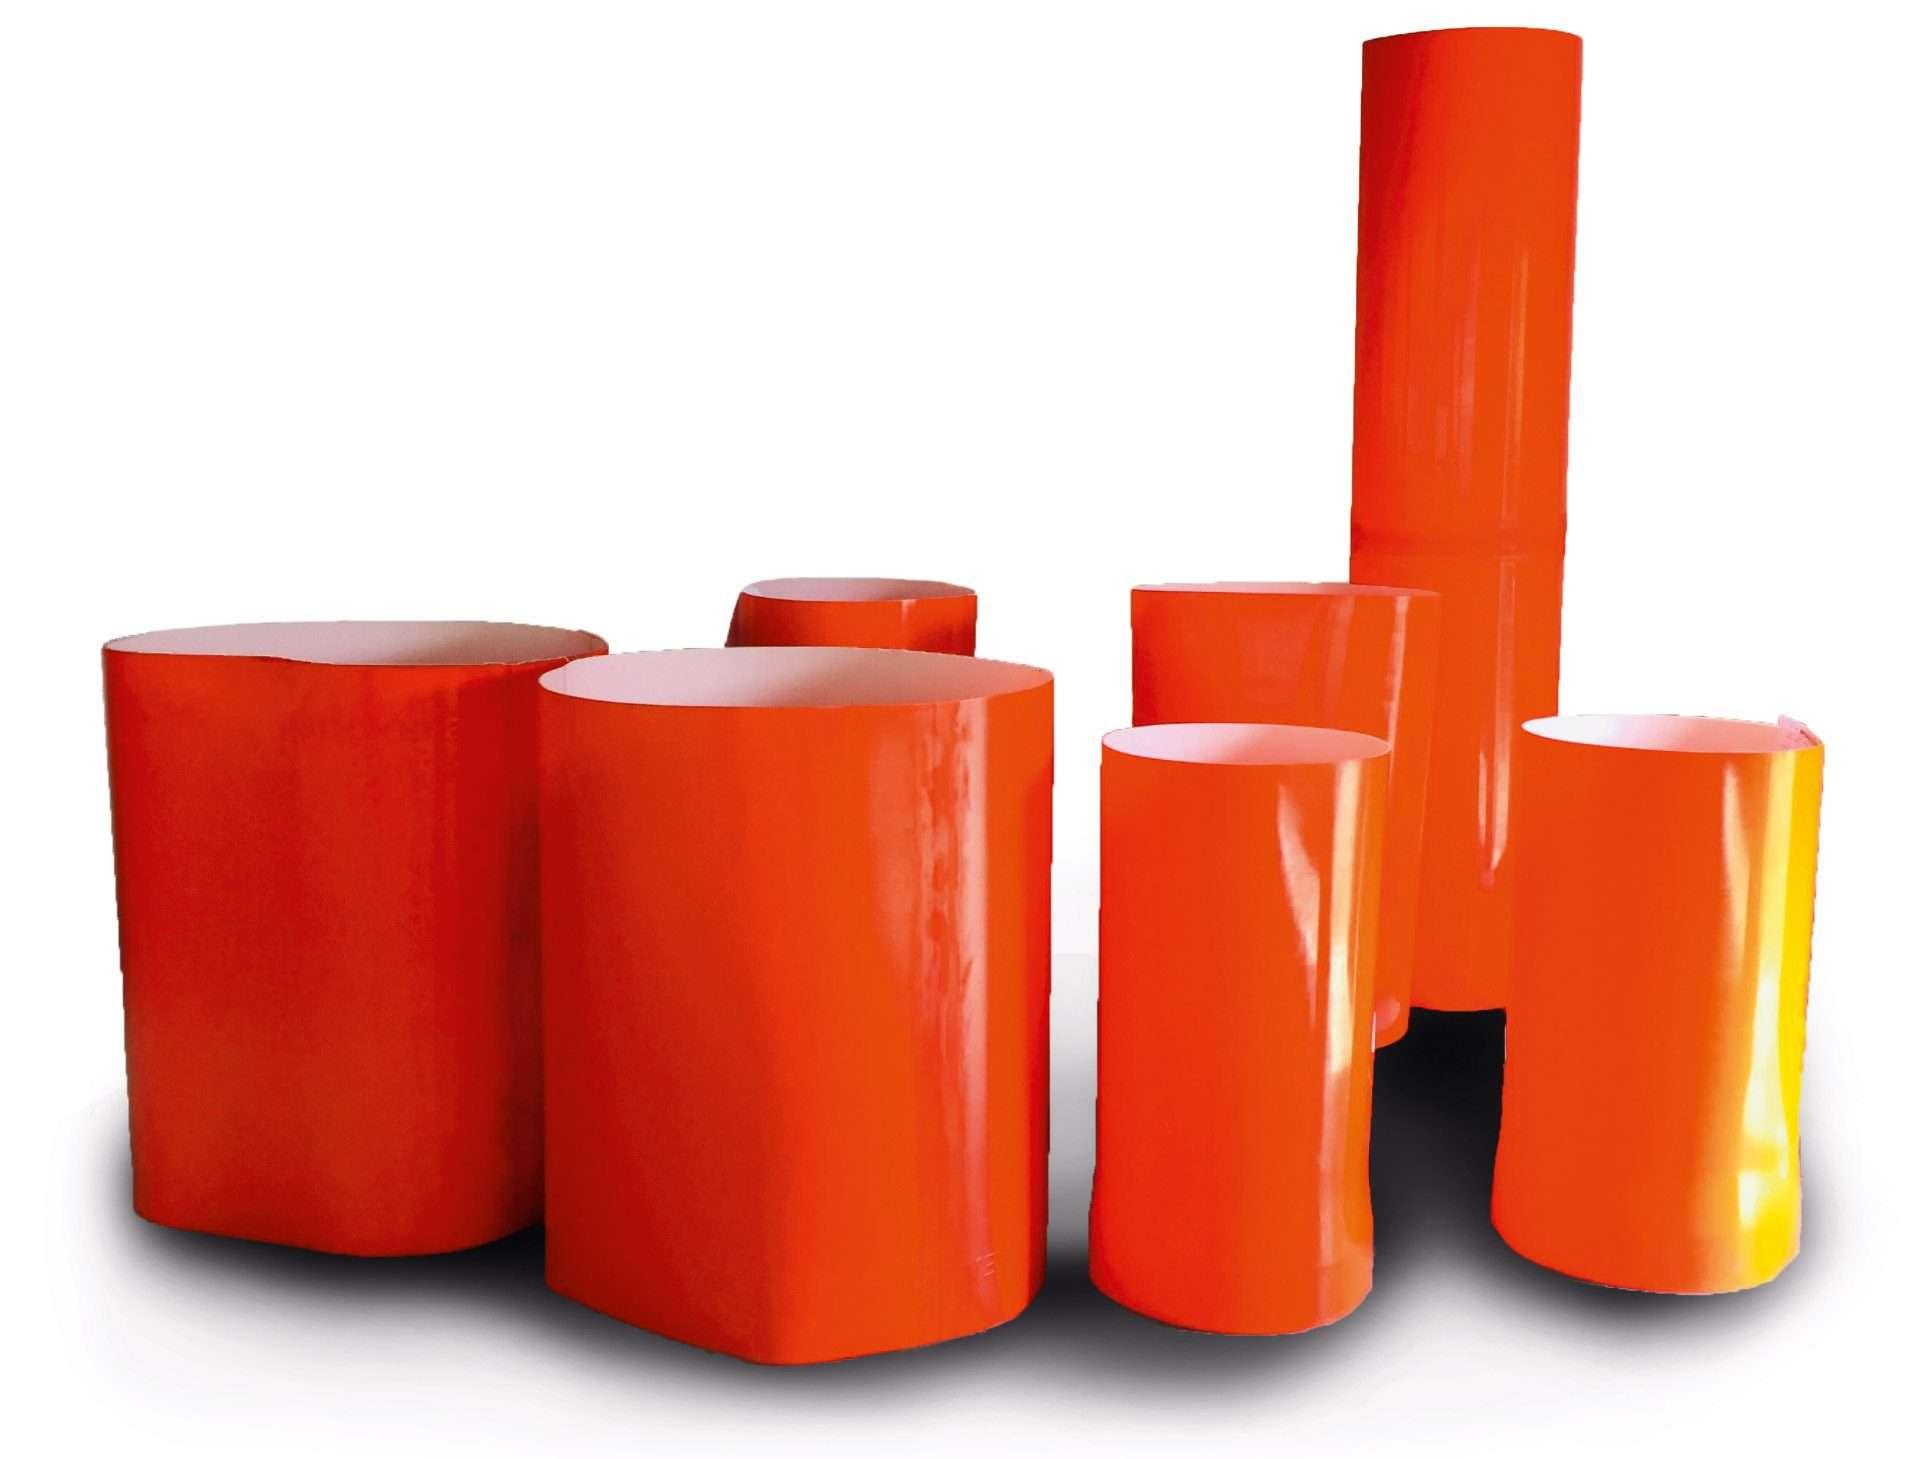 Truckflex® Betonauslauf- und Verladeschlauch / Concrete discharge and loading hoses Truckflex®